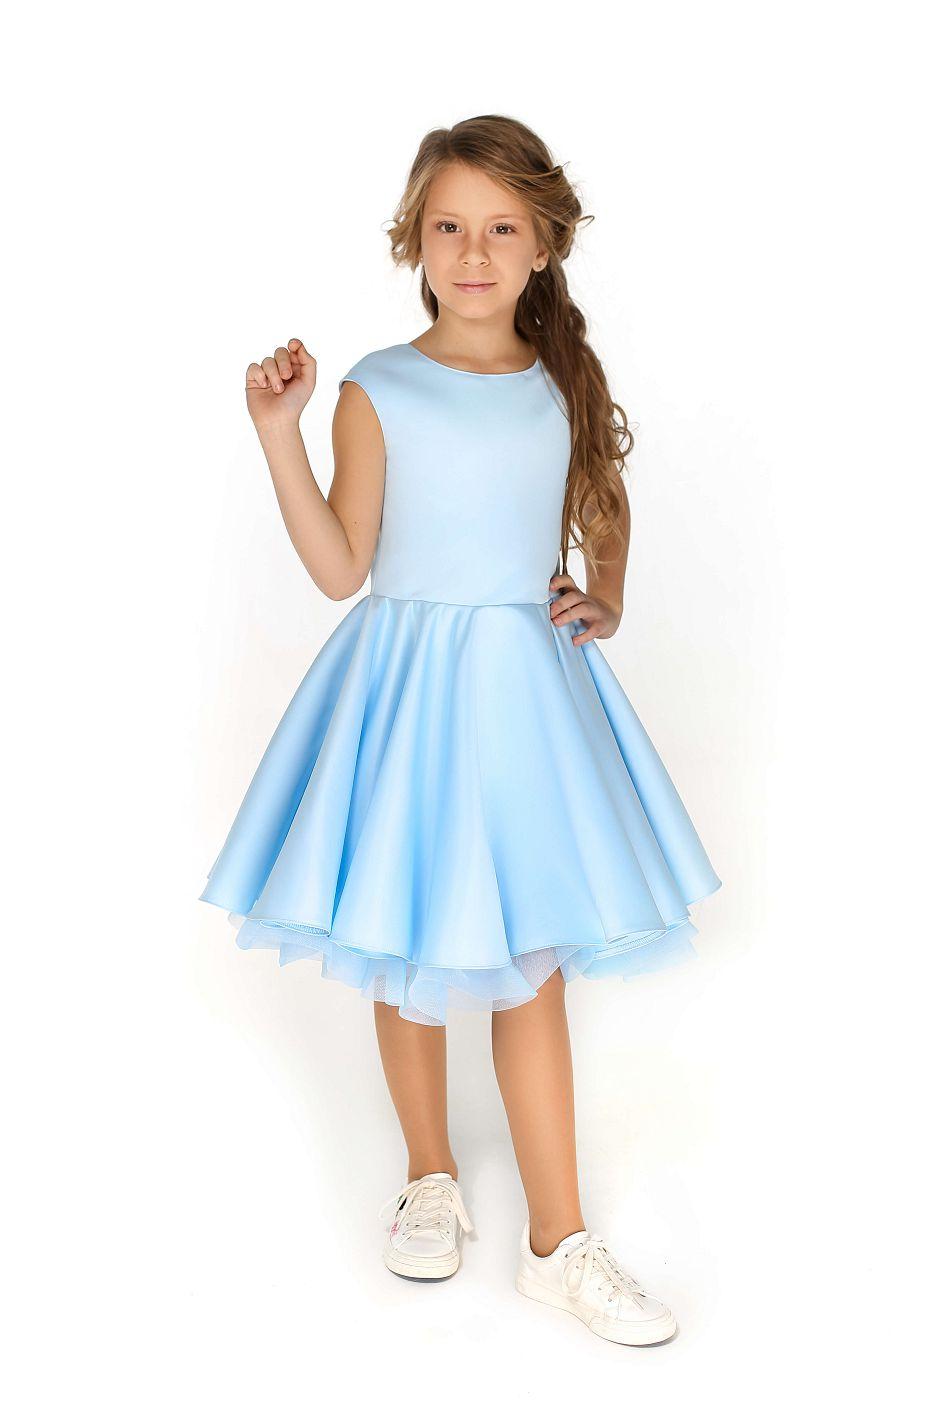 Нарядна пишна сукня на дівчинку на випускний